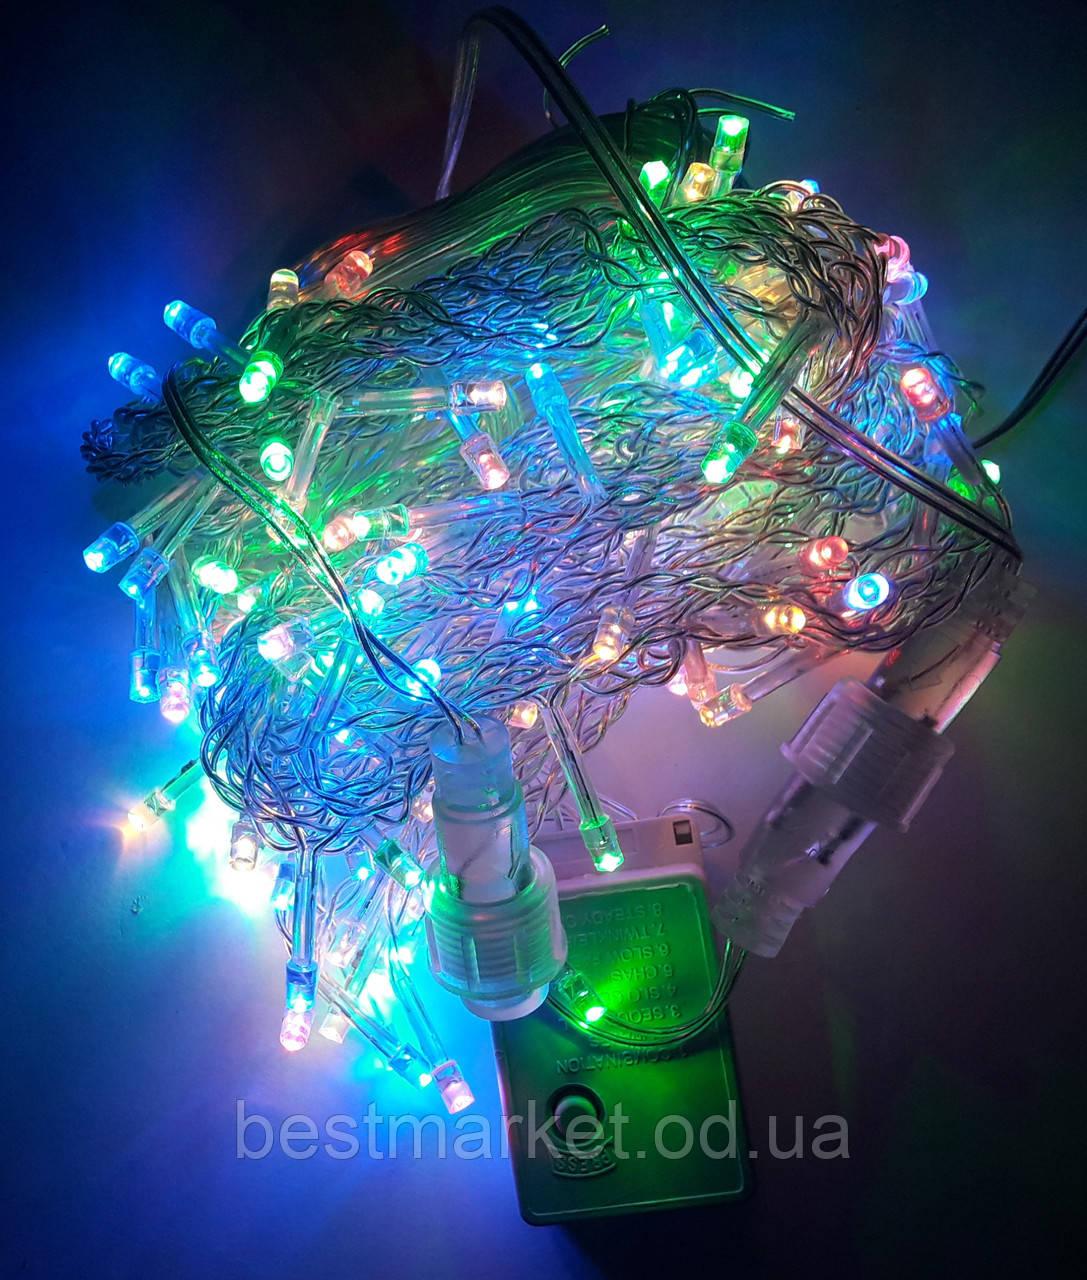 Светодиодная Гирлянда Штора 140 Led 3 х 0,7 м Цветная MixF с Режимом